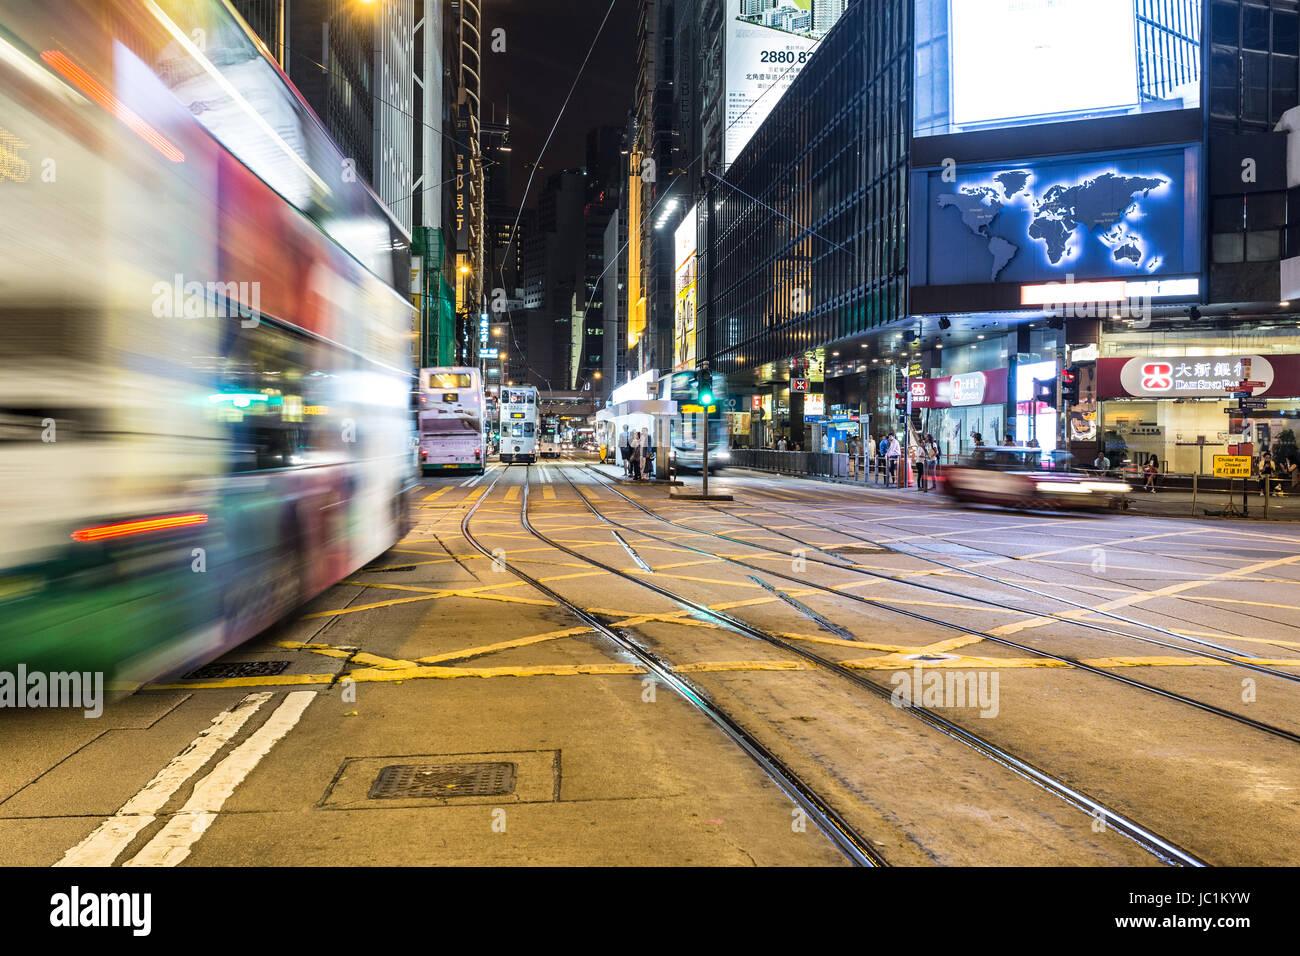 HONG KONG - APRIL 21, 2017: a Bus rushES through Central in Hong Kong island at night in China Hong Kong SAR. This - Stock Image